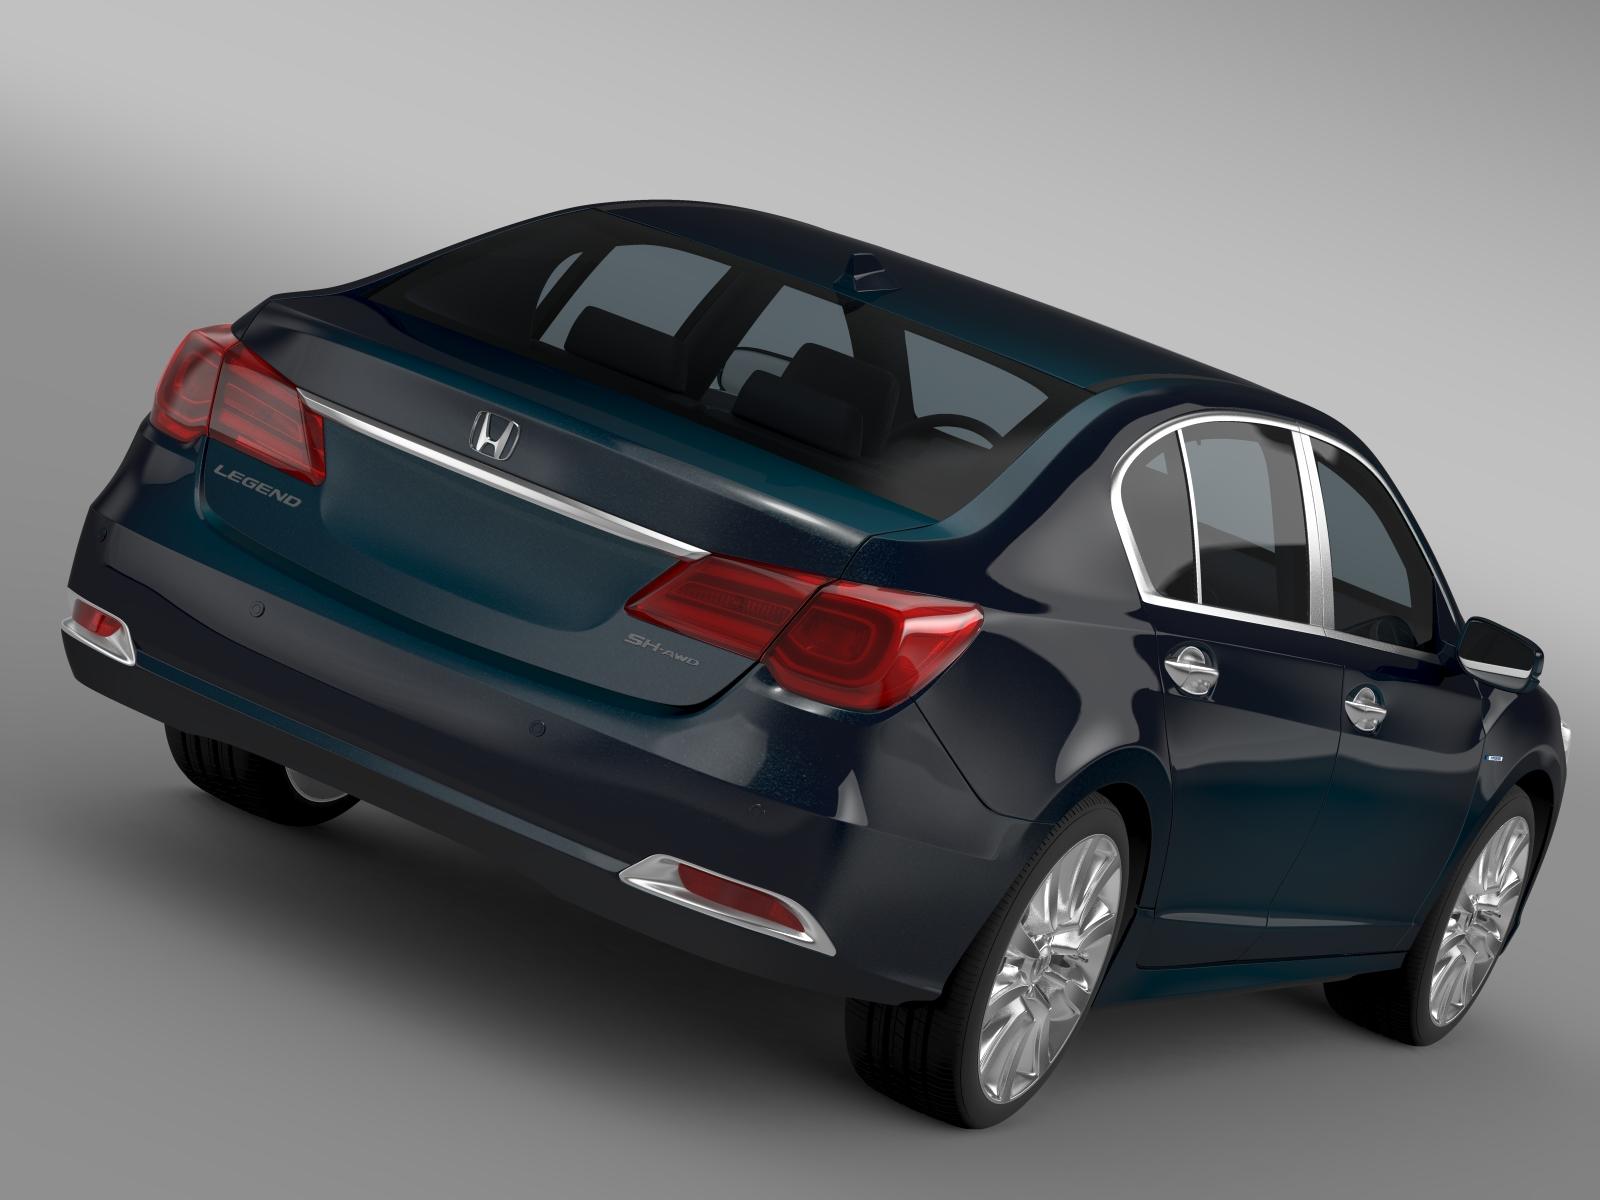 Honda Legend Hybrid 2015 3D Model - Buy Honda Legend ...